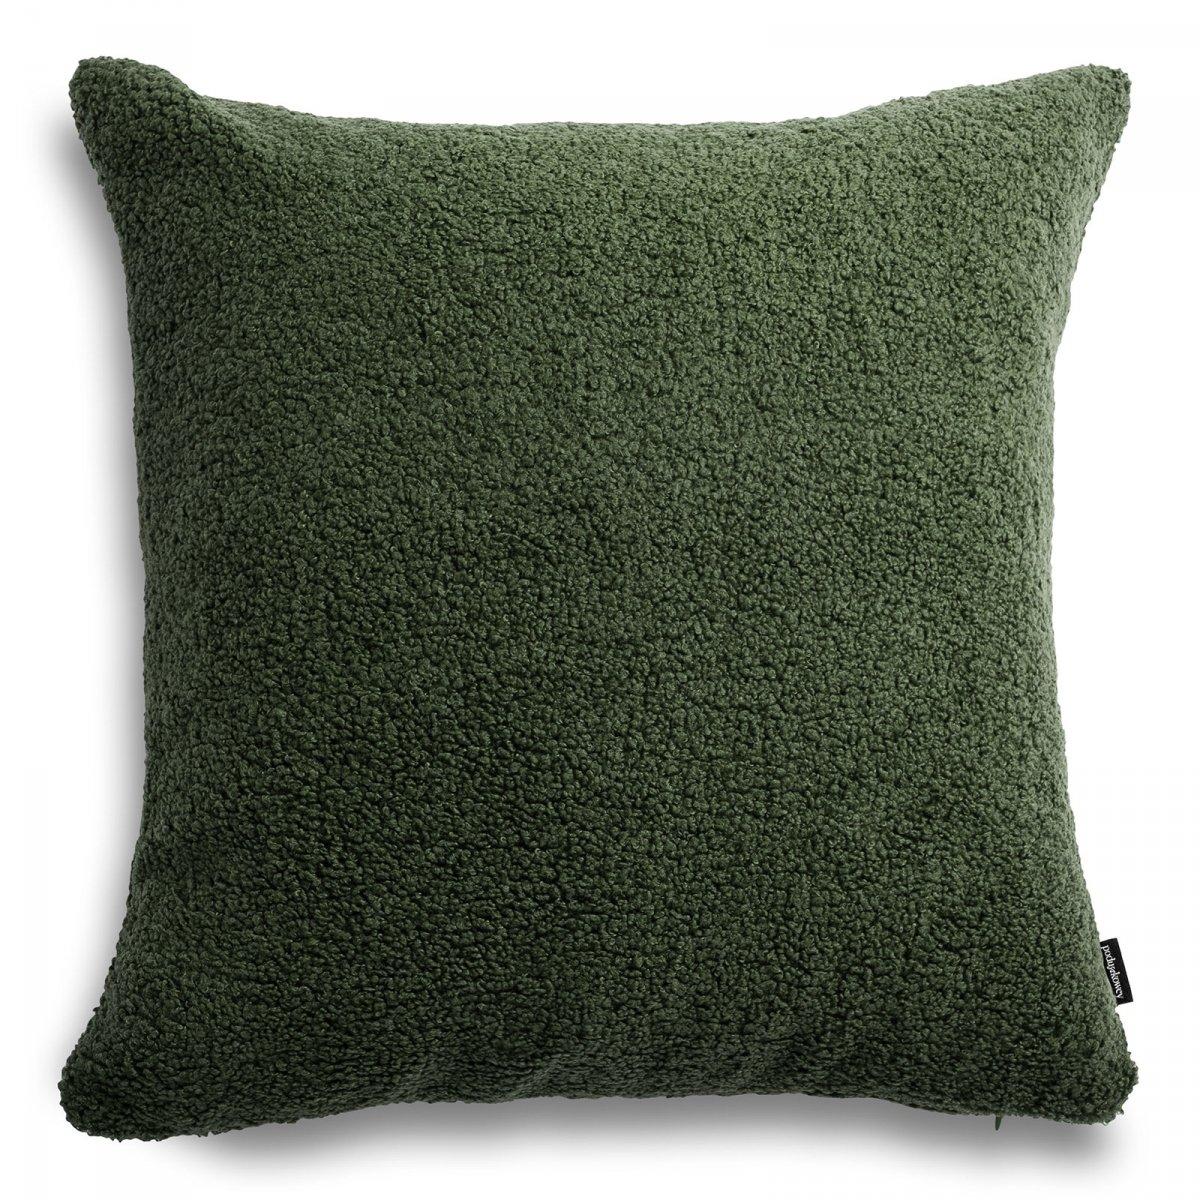 Cozy duża zielona poduszka dekoracyjna 50x50